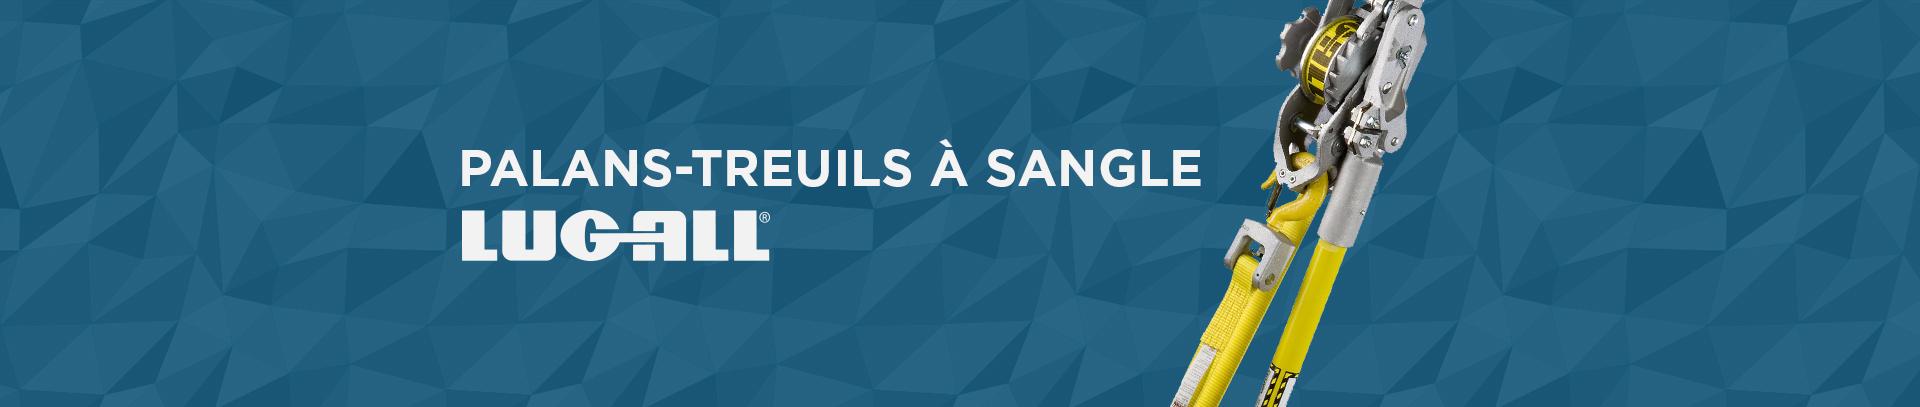 banniere-palans-a-sangle1